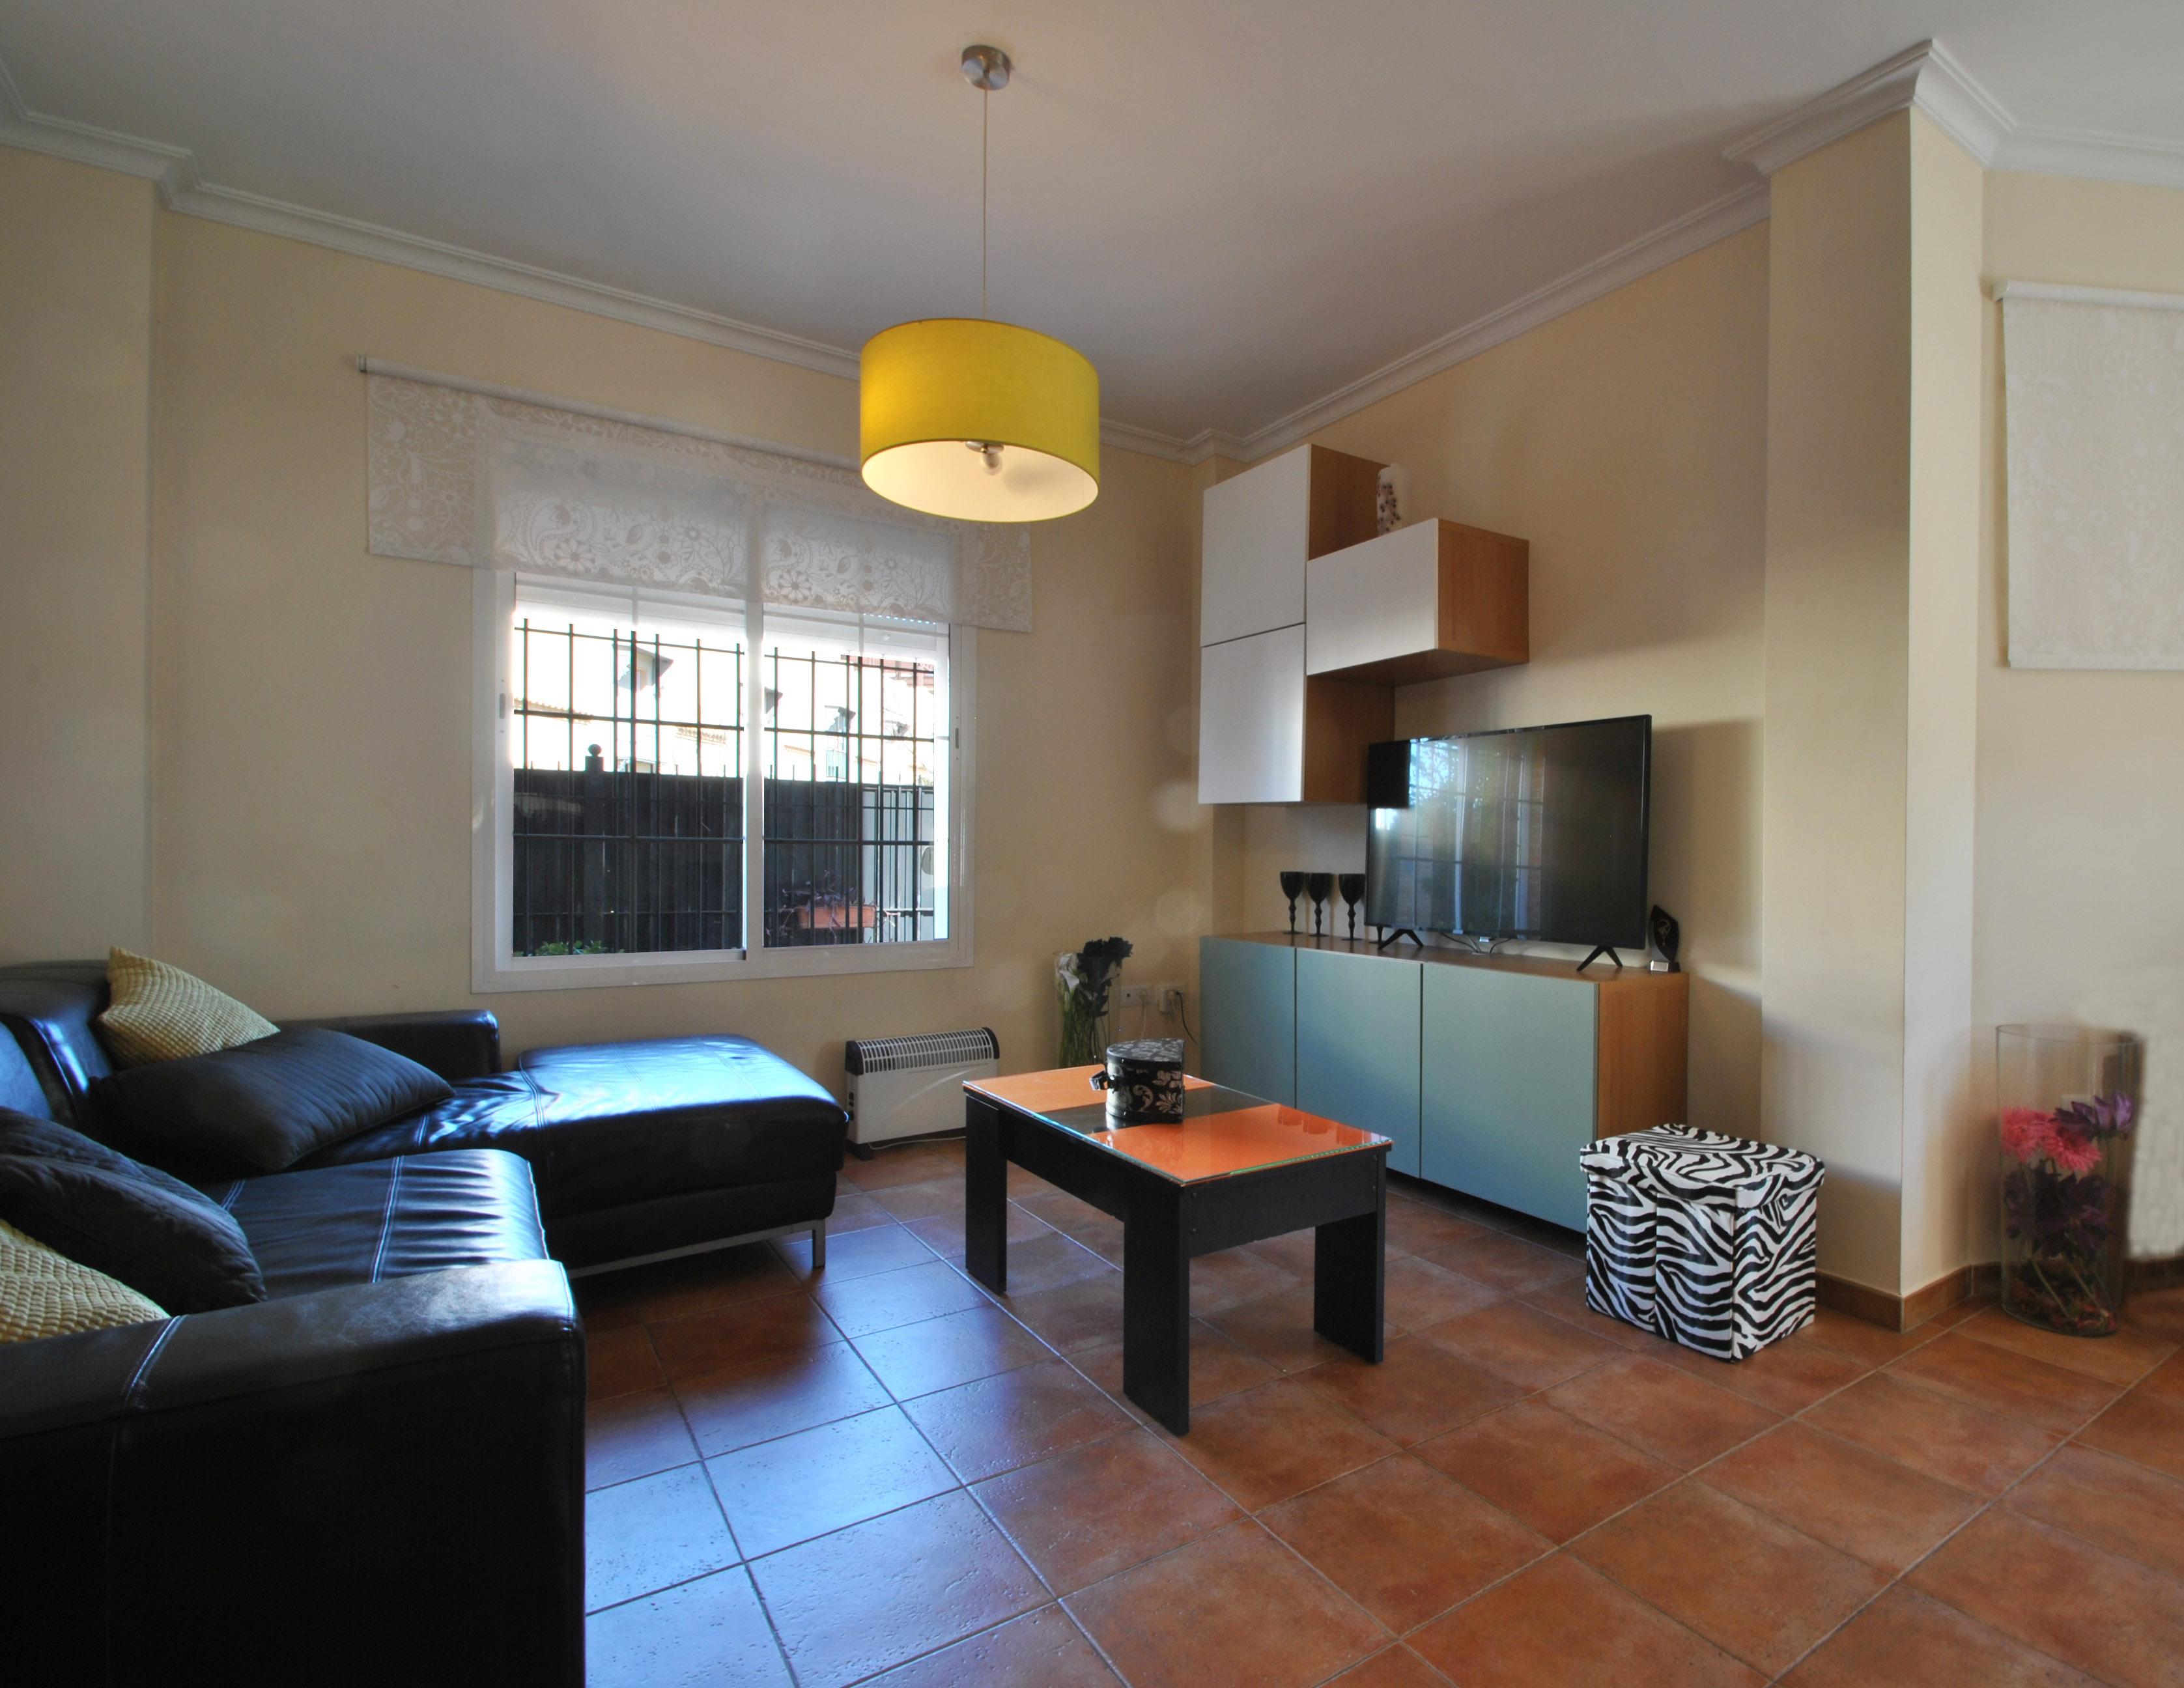 Zona de salón o estar, con gran ventanal y zona de comedor anexa